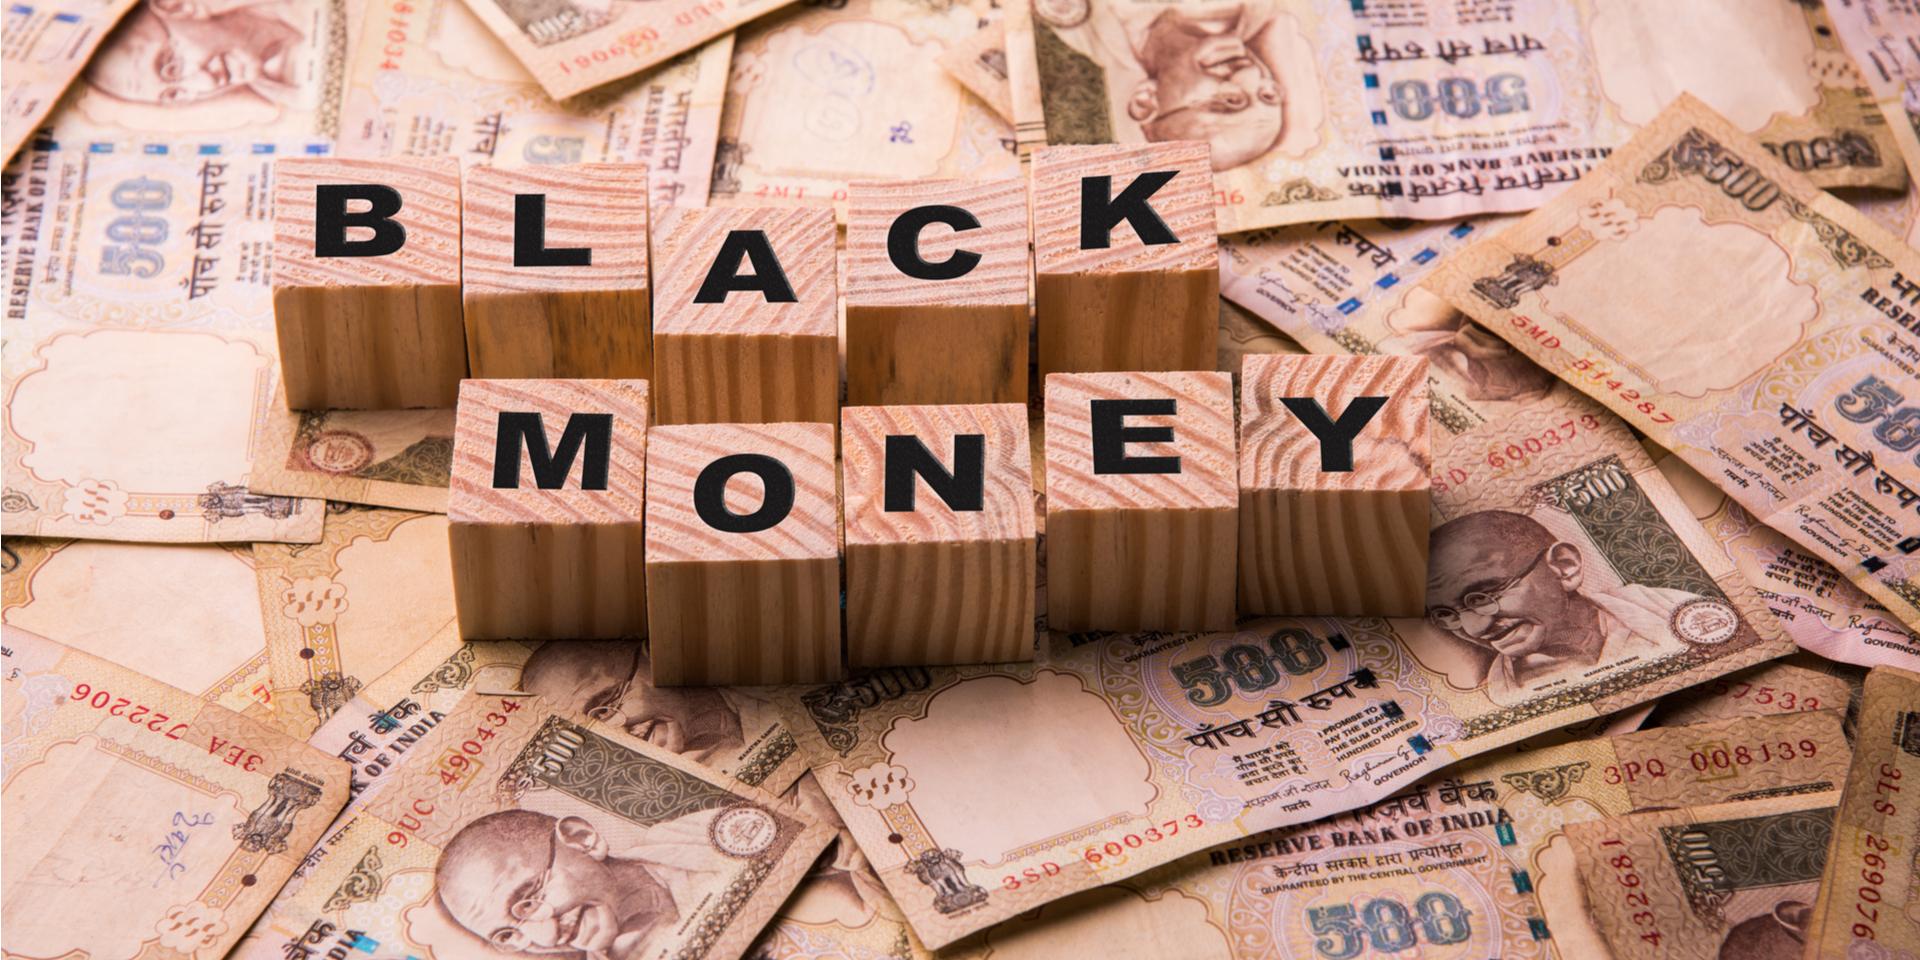 भावनांचा खेळ आणि पैशांचा तमाशा